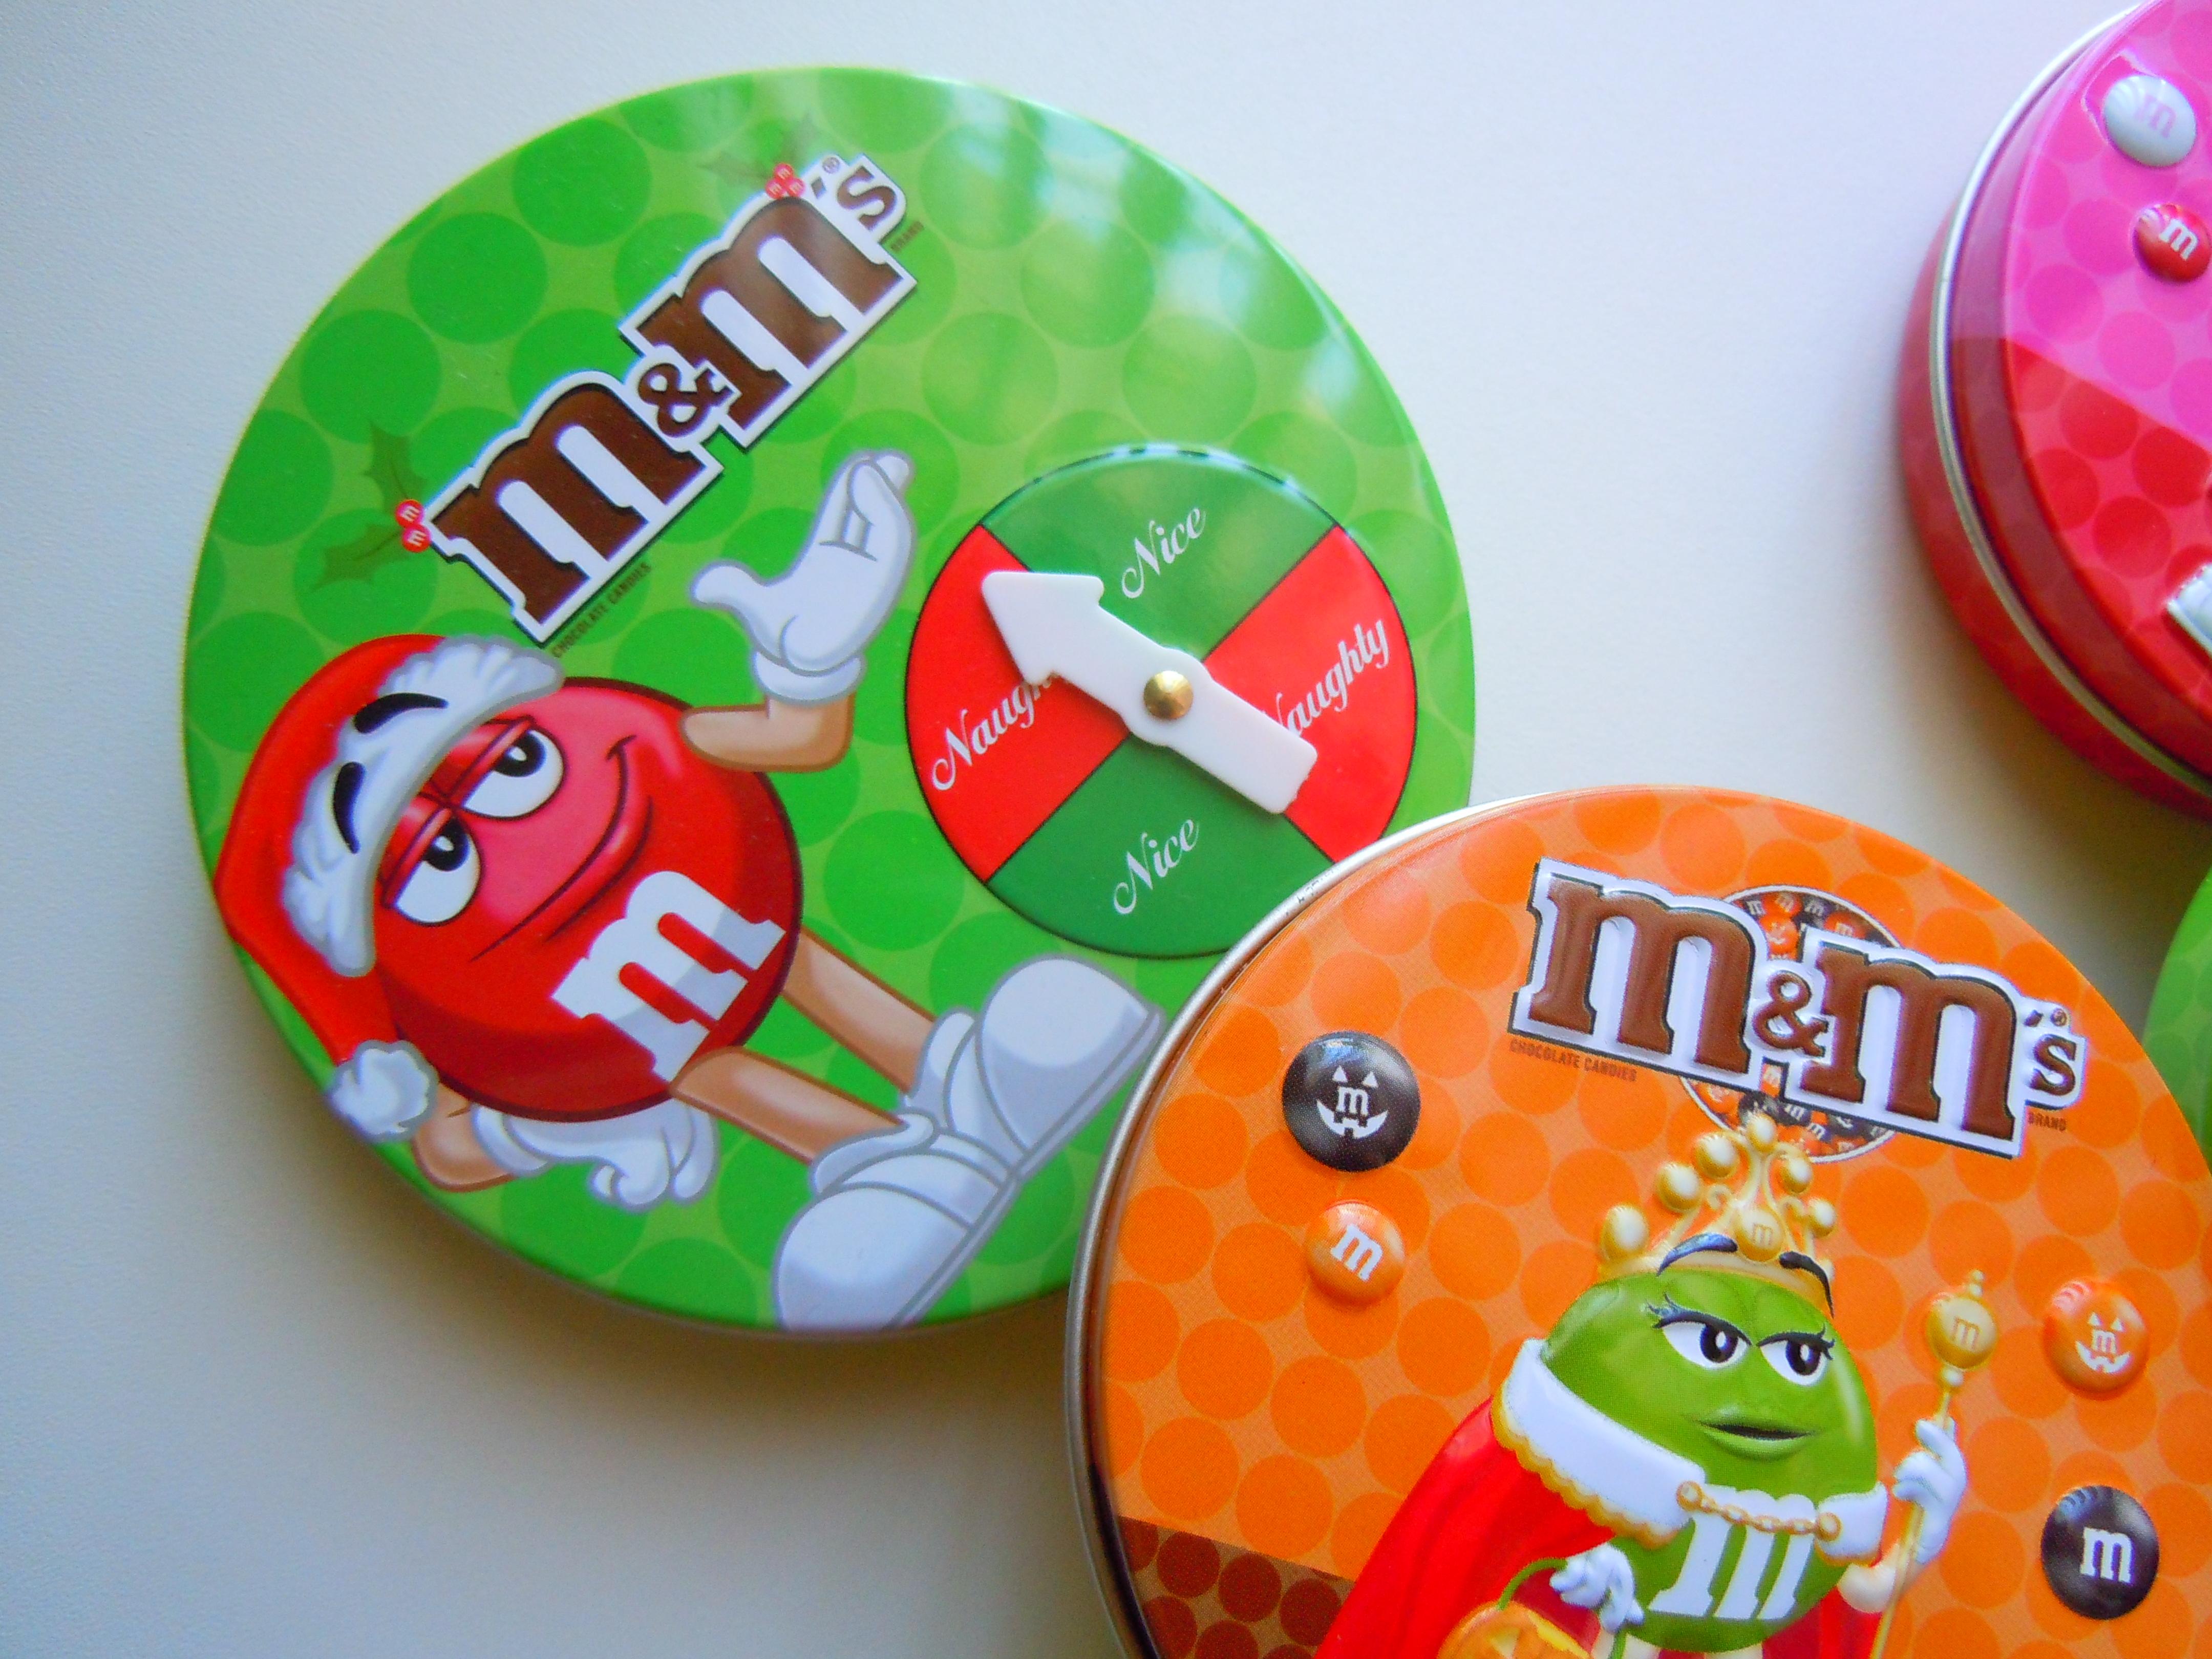 New MampMS Chocolate Bar  MampMS Official Website